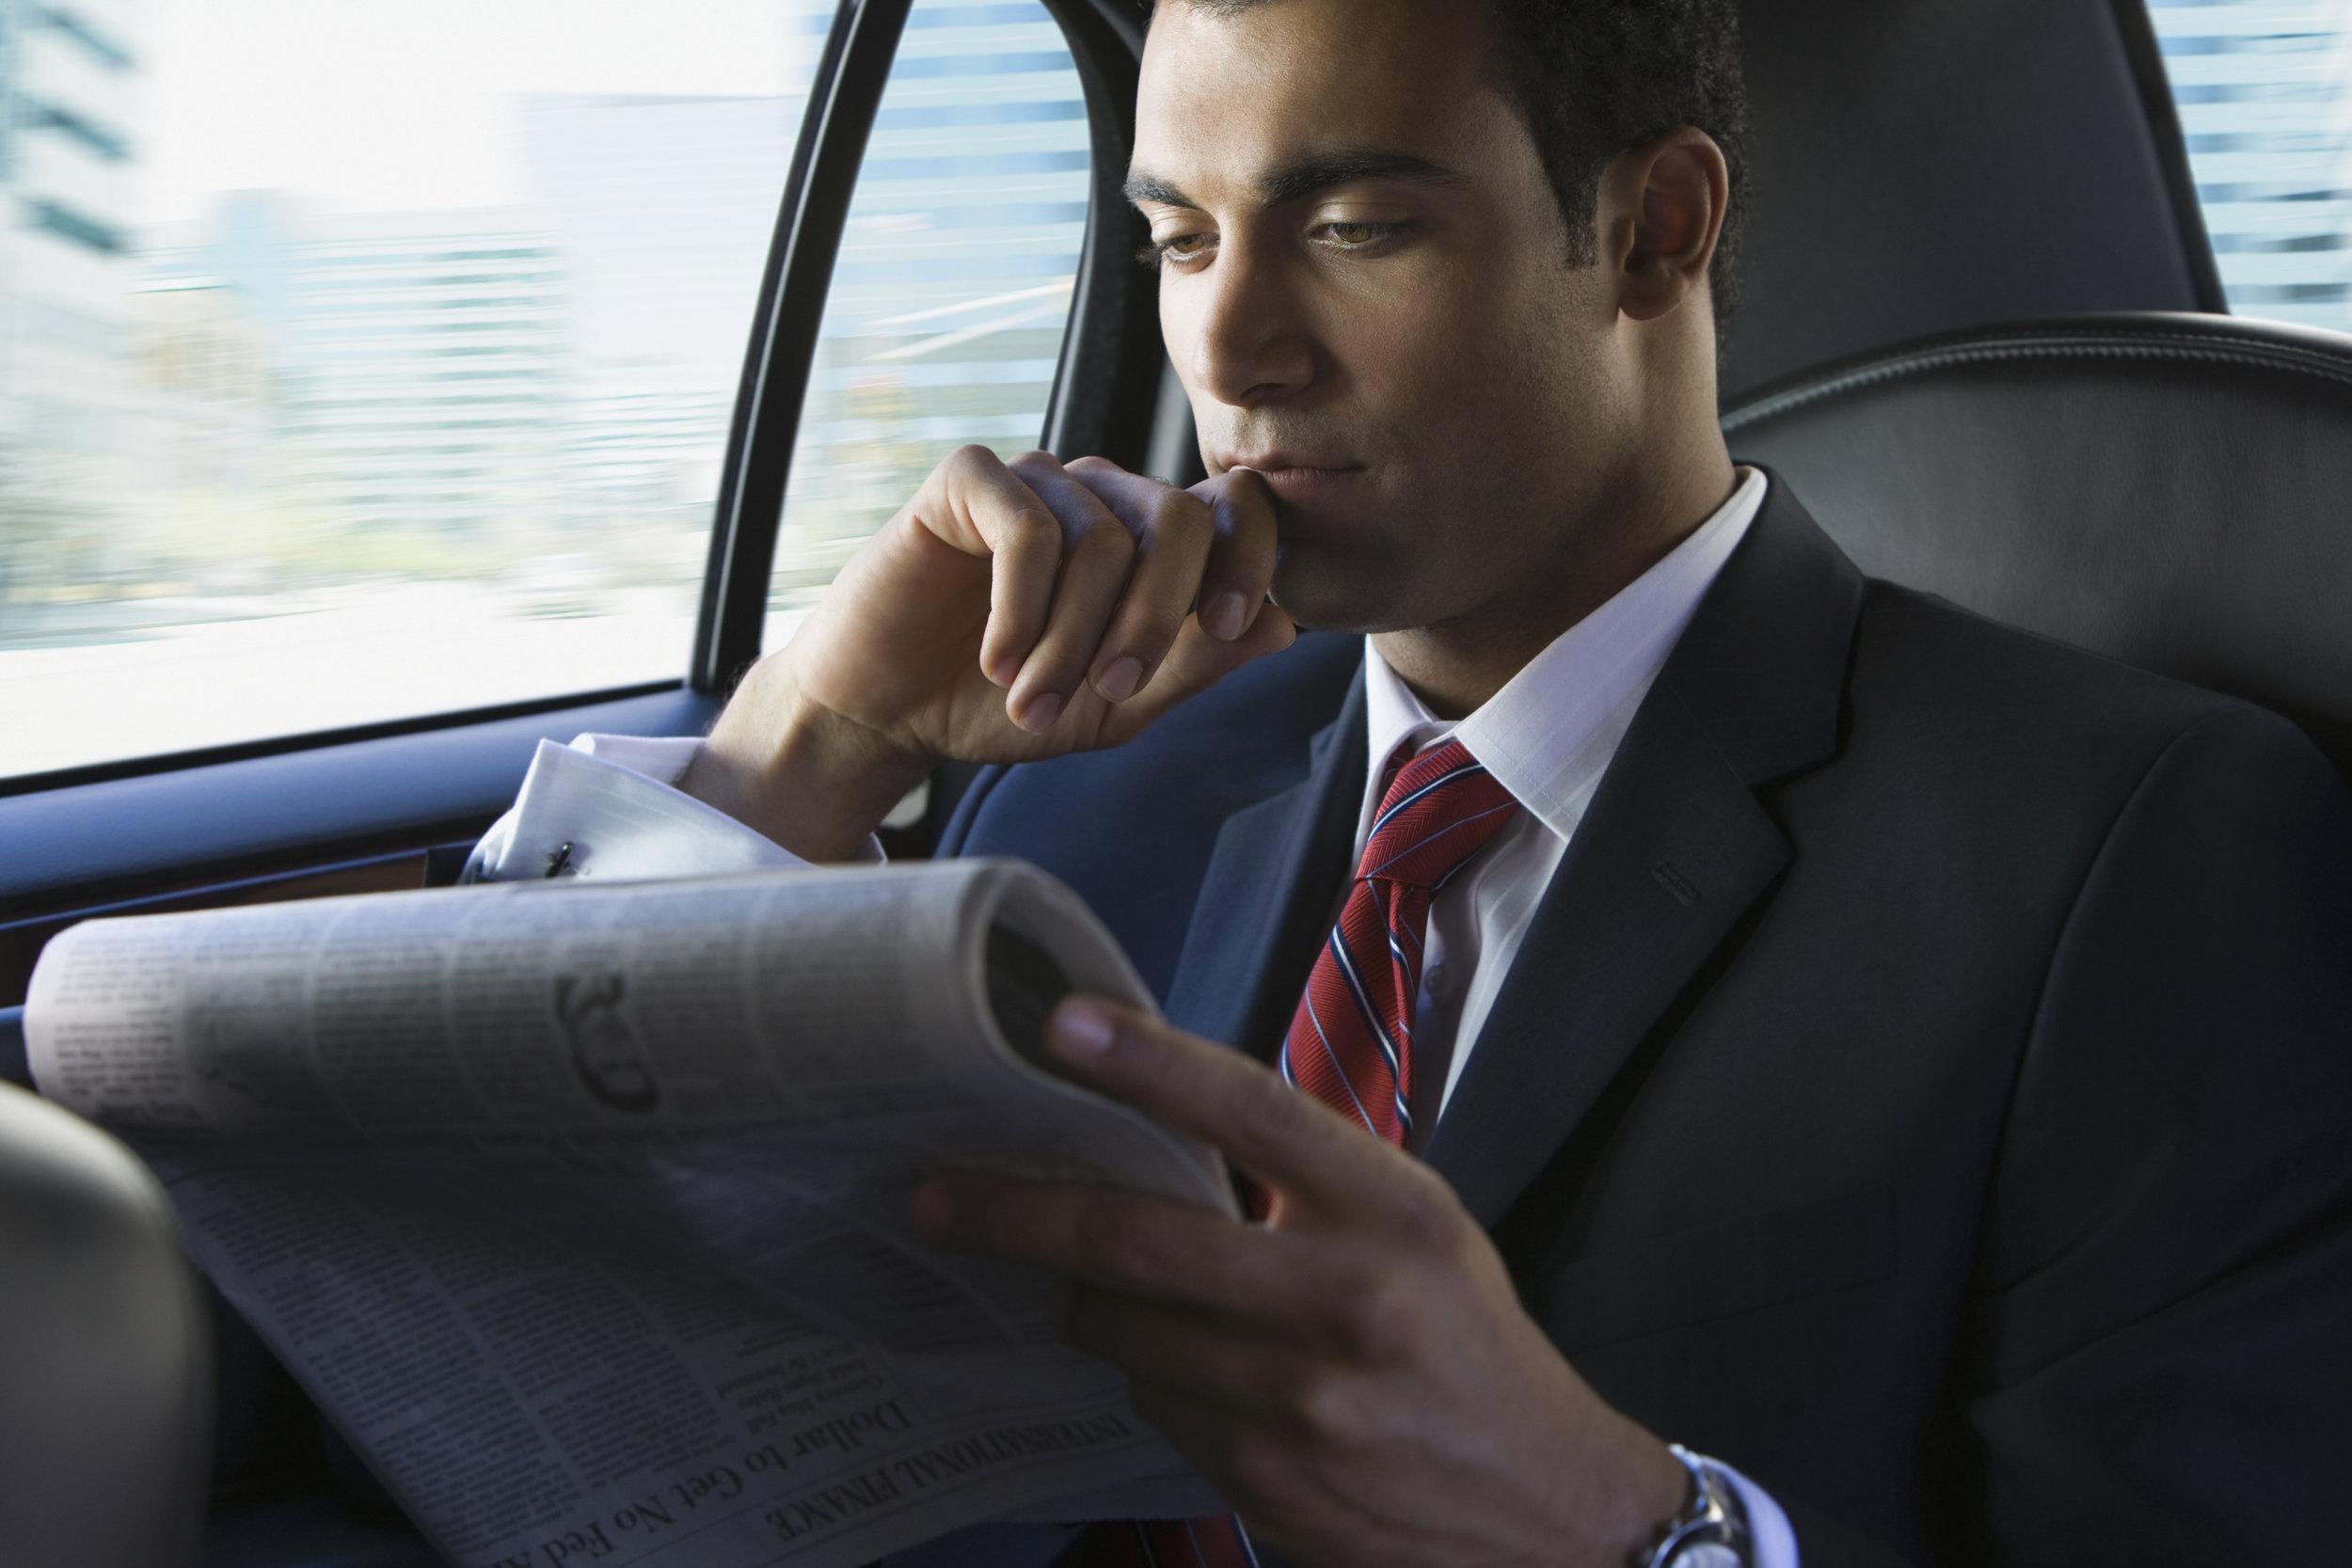 3 Term Business Man